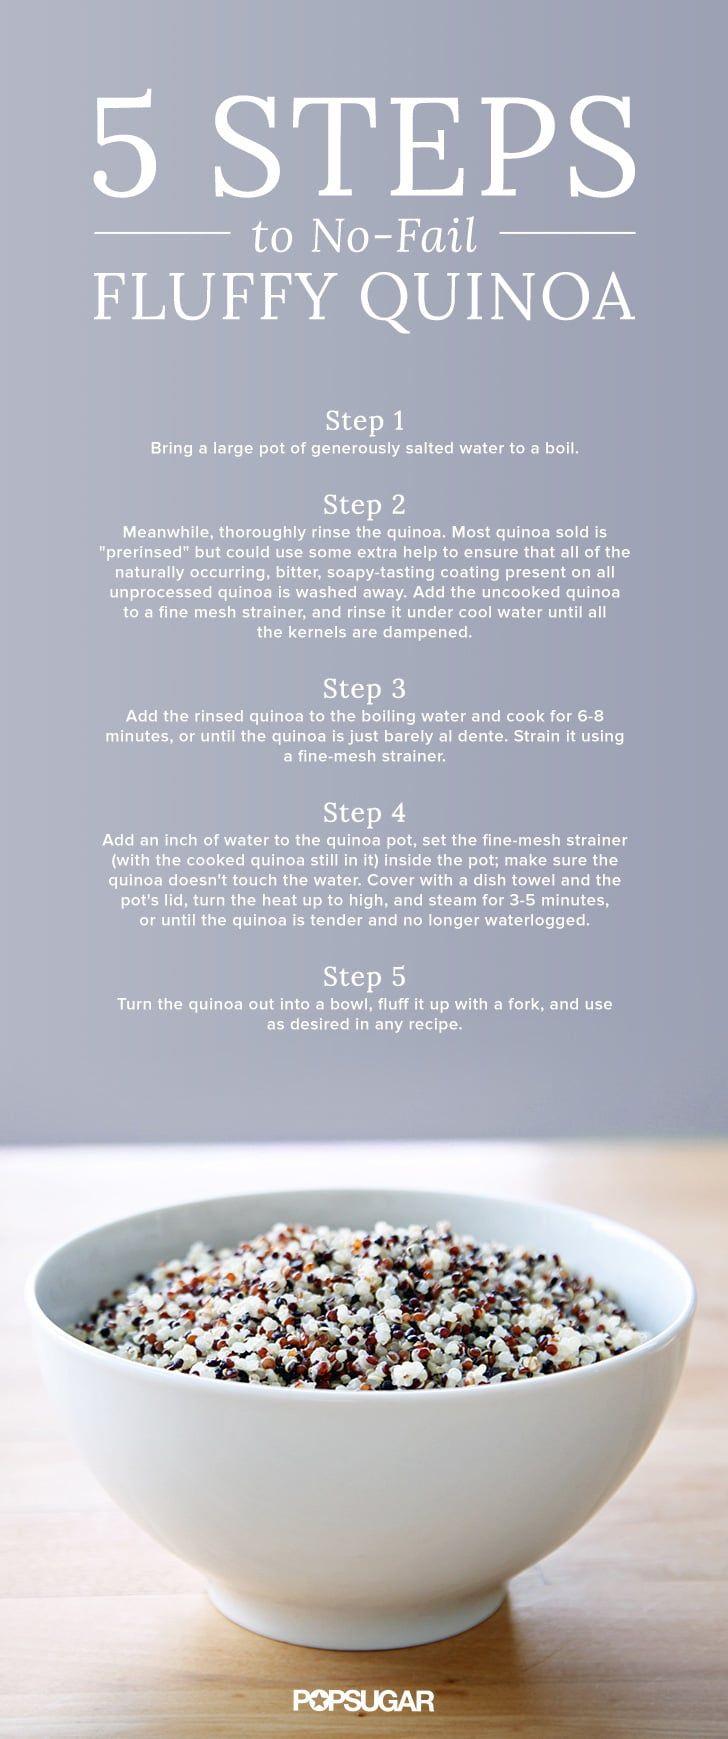 5 steps to no-fail, fluffy quinoa.